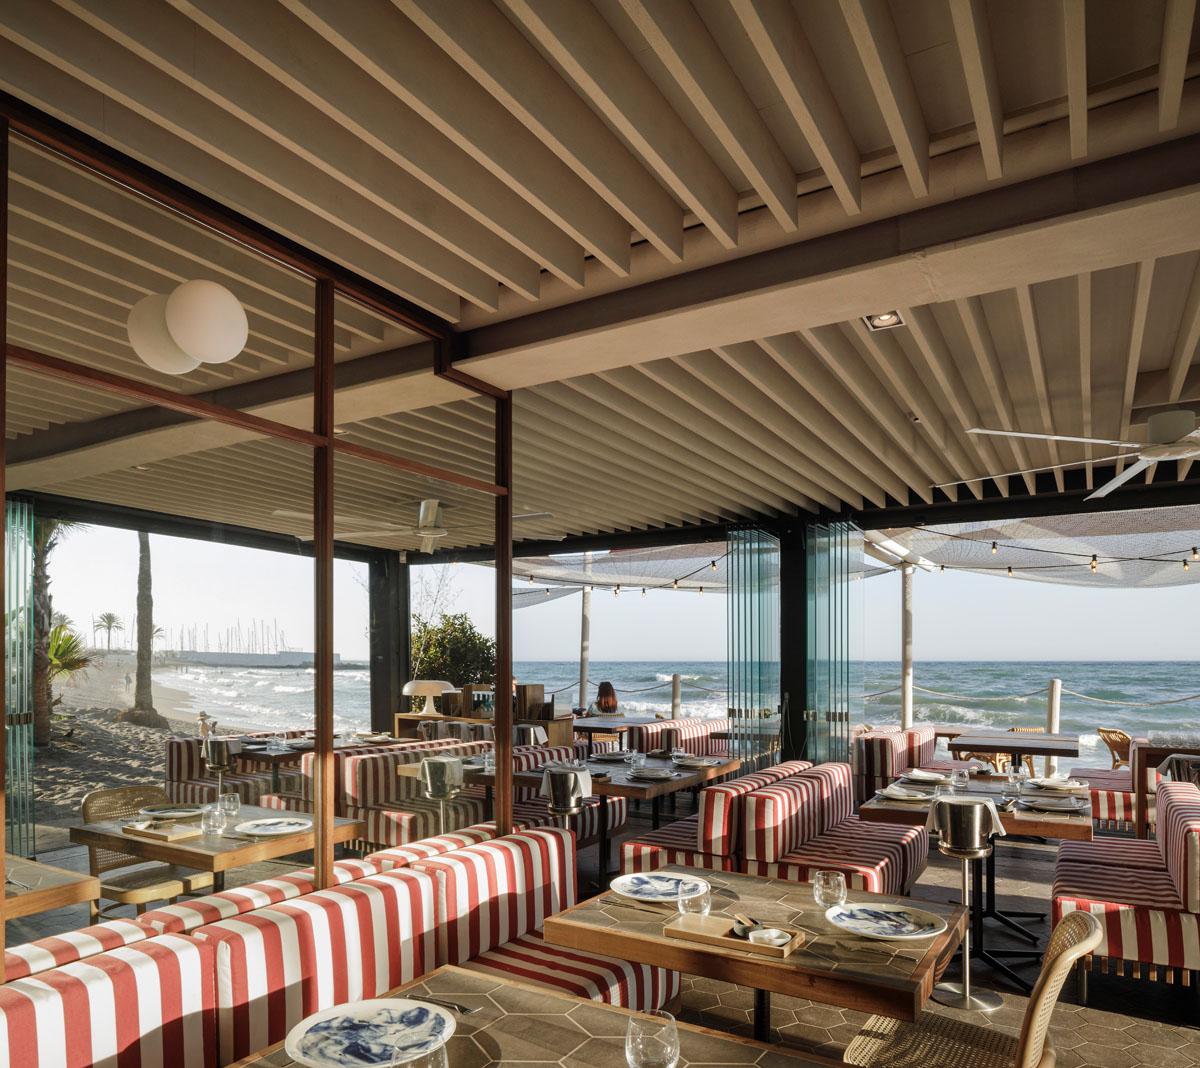 soleo-marbella-beach-club-isabel-lopez-vilalta-decoracion-interiorismo-fernando-alda (4)